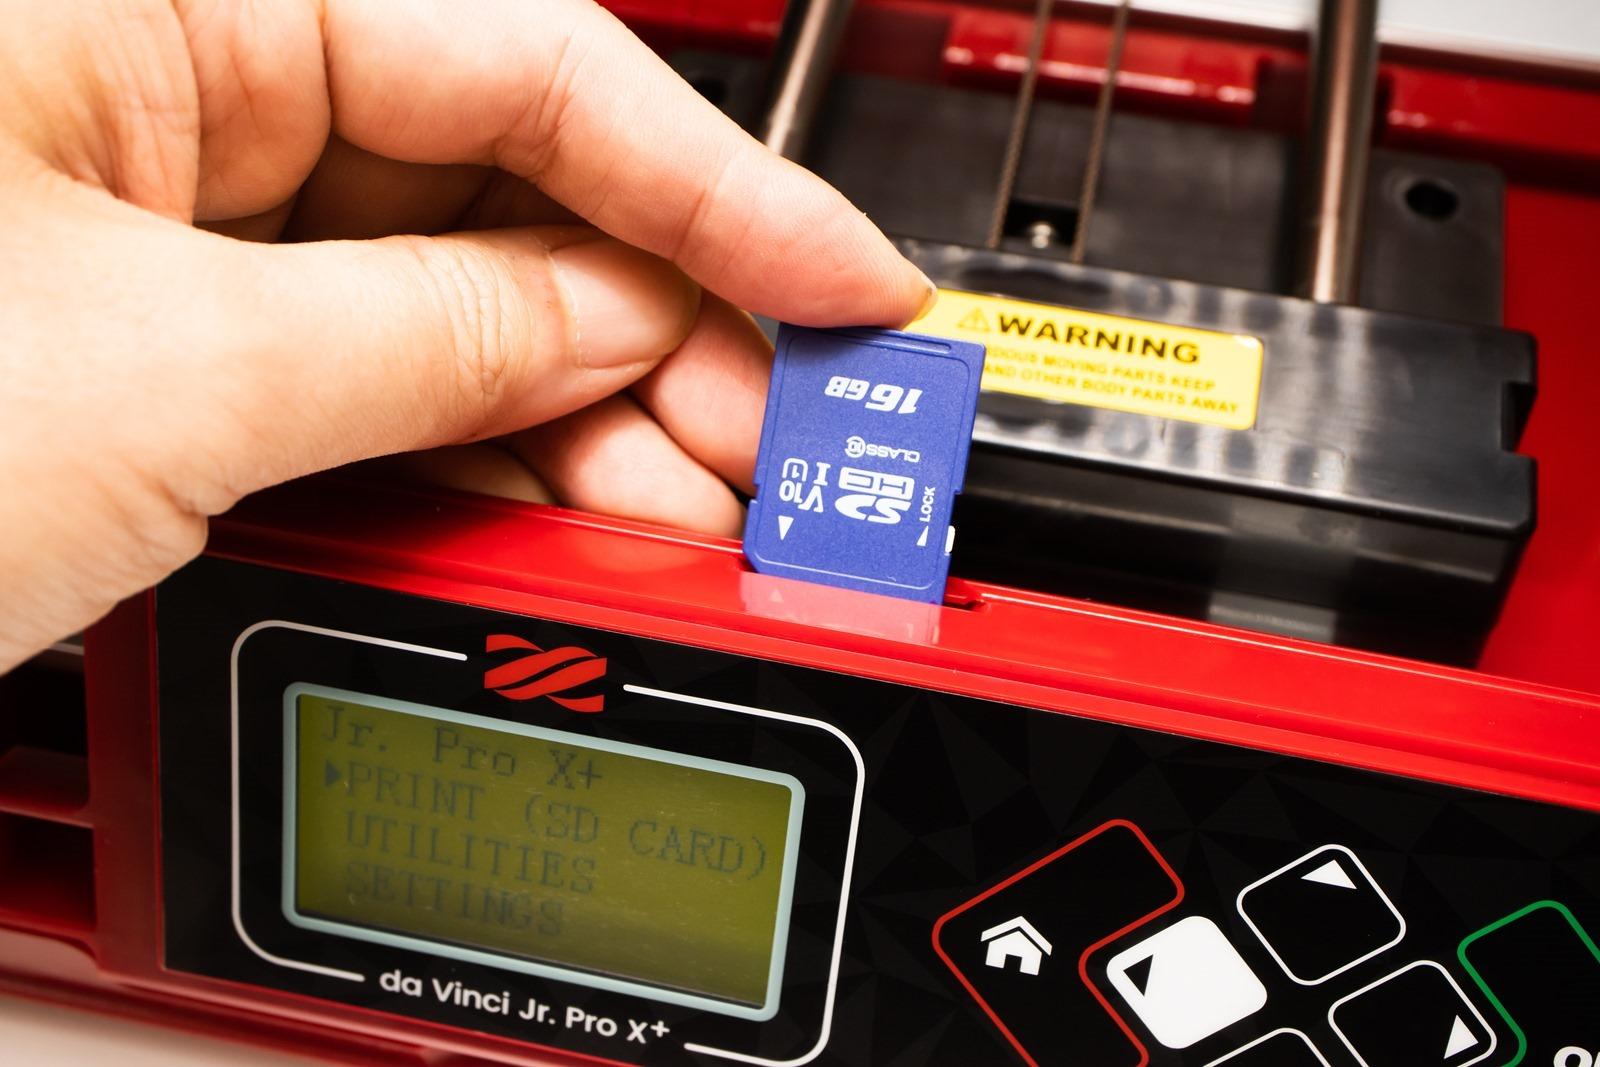 多功能3D列印機-da Vinci Jr. Pro X+,支援使用SD記憶卡來列印